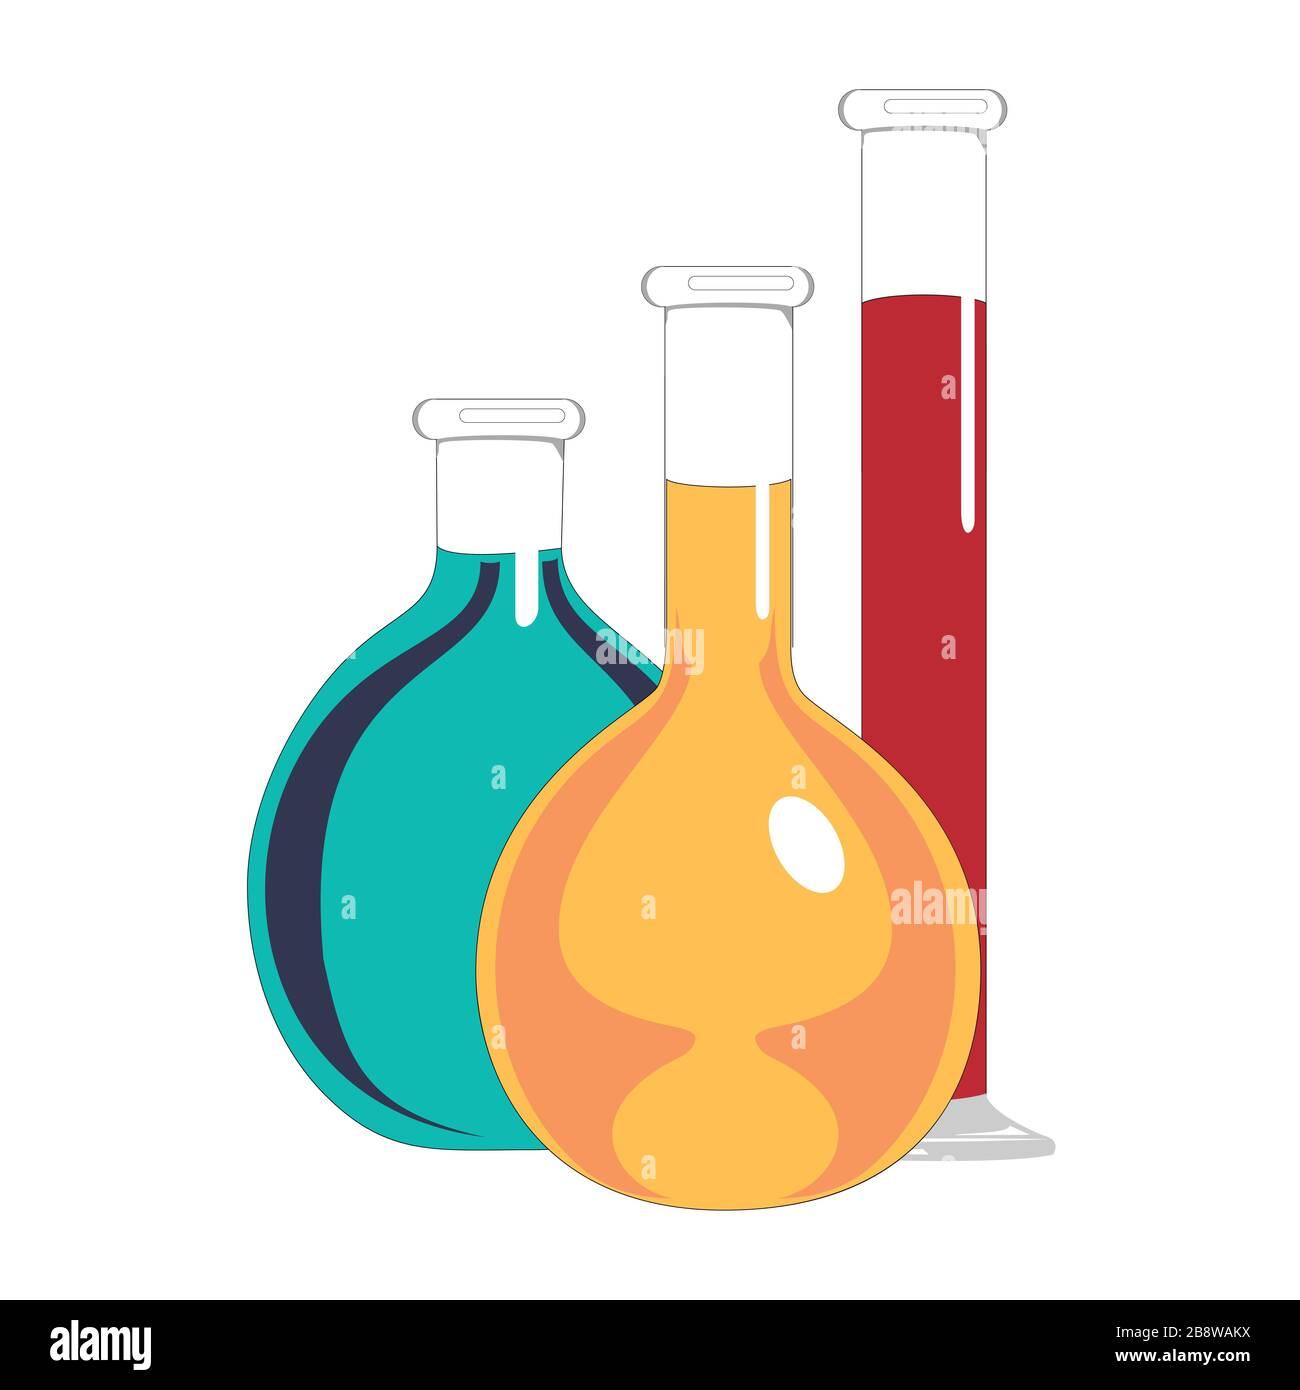 Laborglaskolben und Reagenzgläser mit blauer, gelber und roter Flüssigkeit. Chemische und biologische Experimente. Vektorgrafiken in flacher Ausführung. Stock Vektor